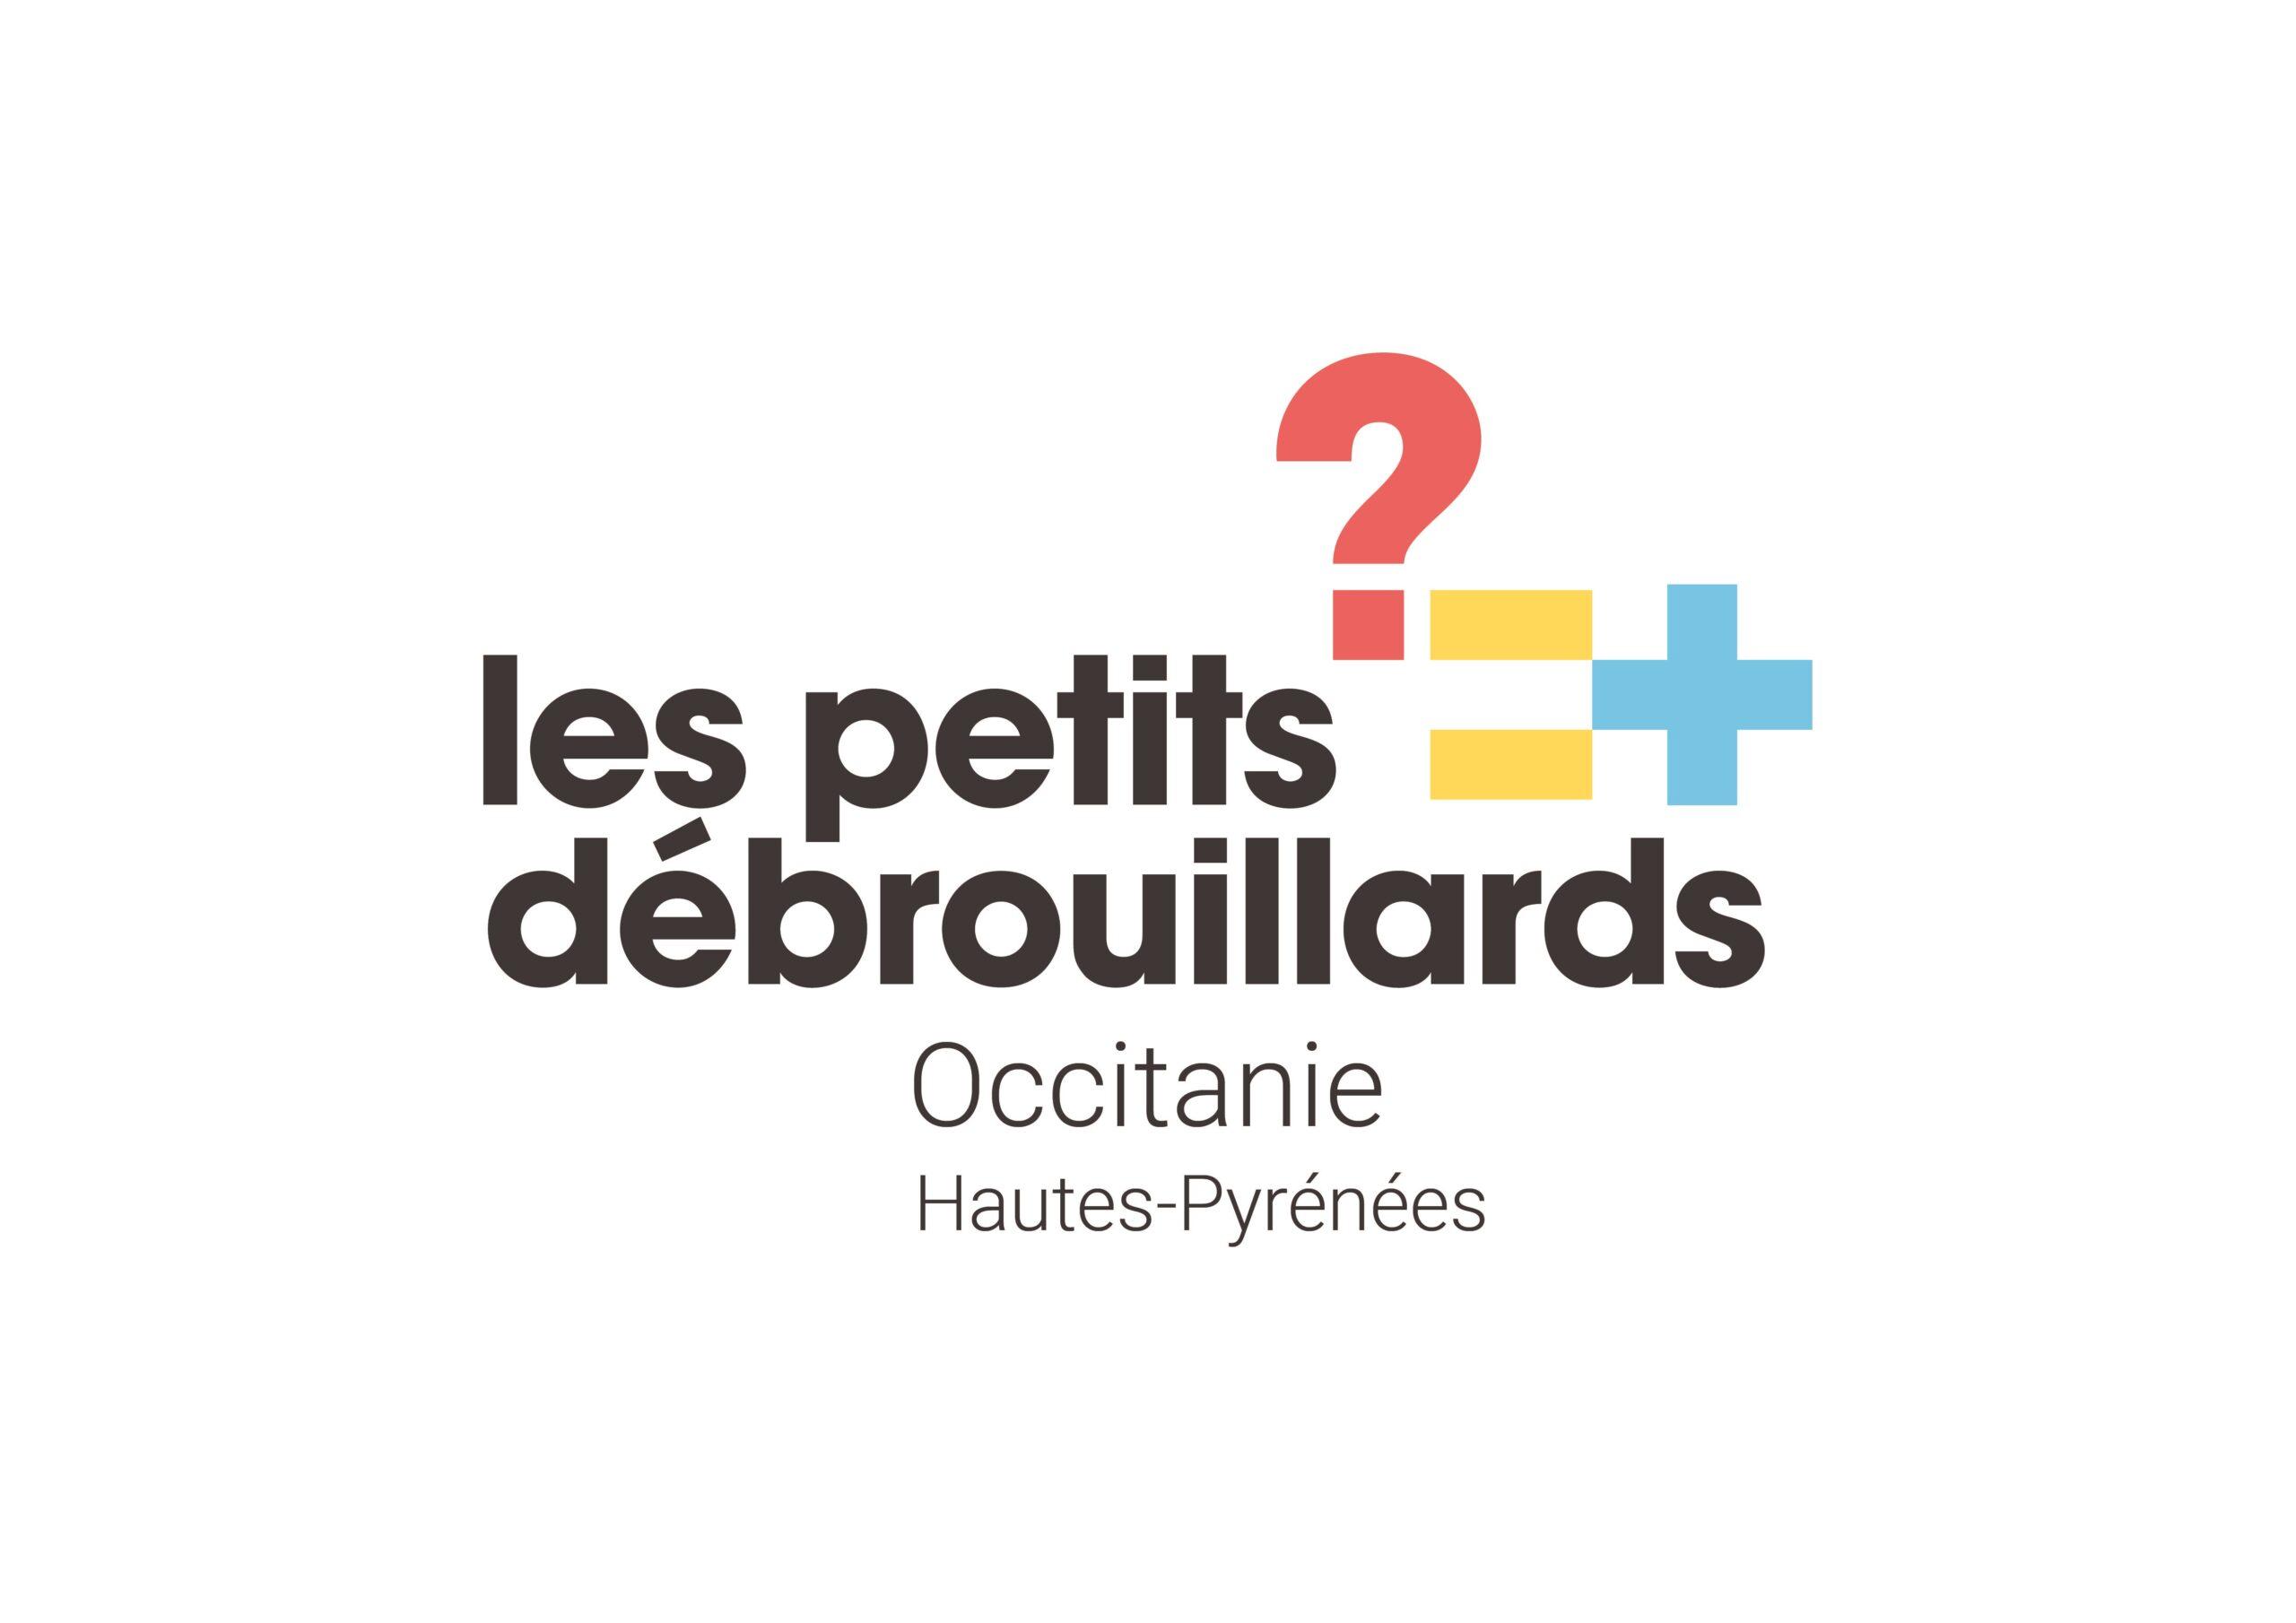 Les Petits Débrouillards Occitanie